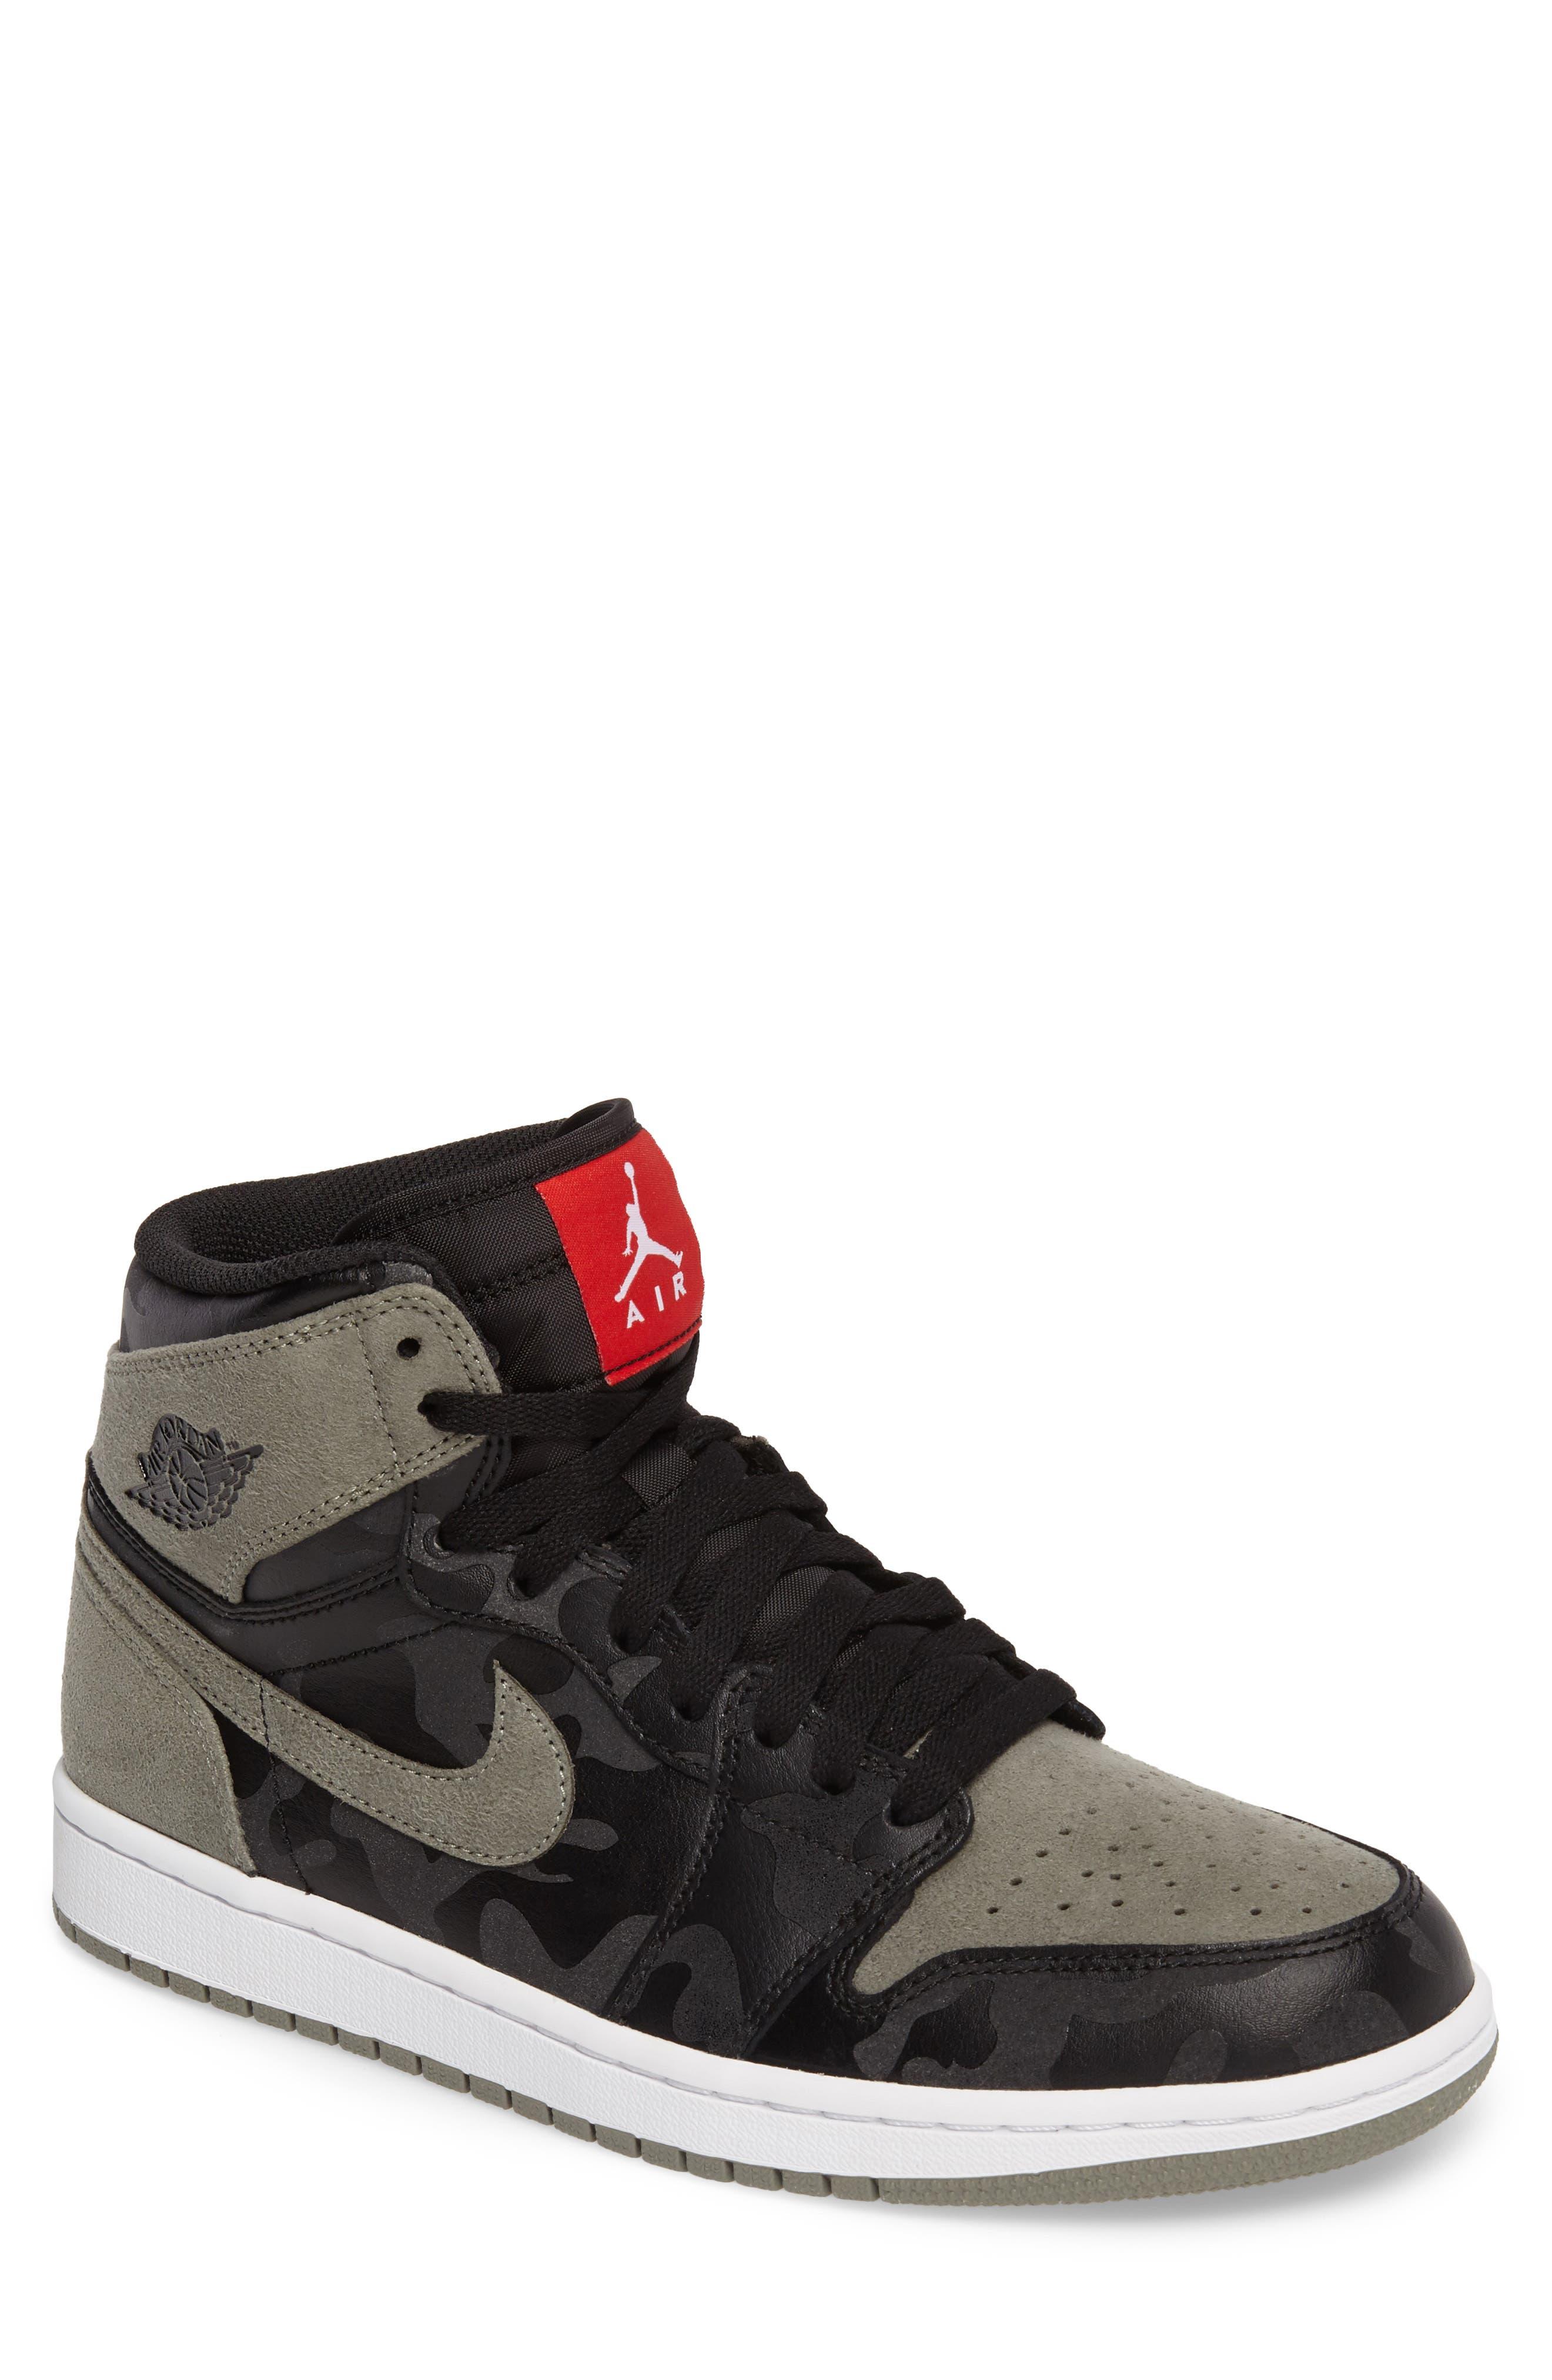 Air Jordan 1 Retro High Top Sneaker,                         Main,                         color, 003